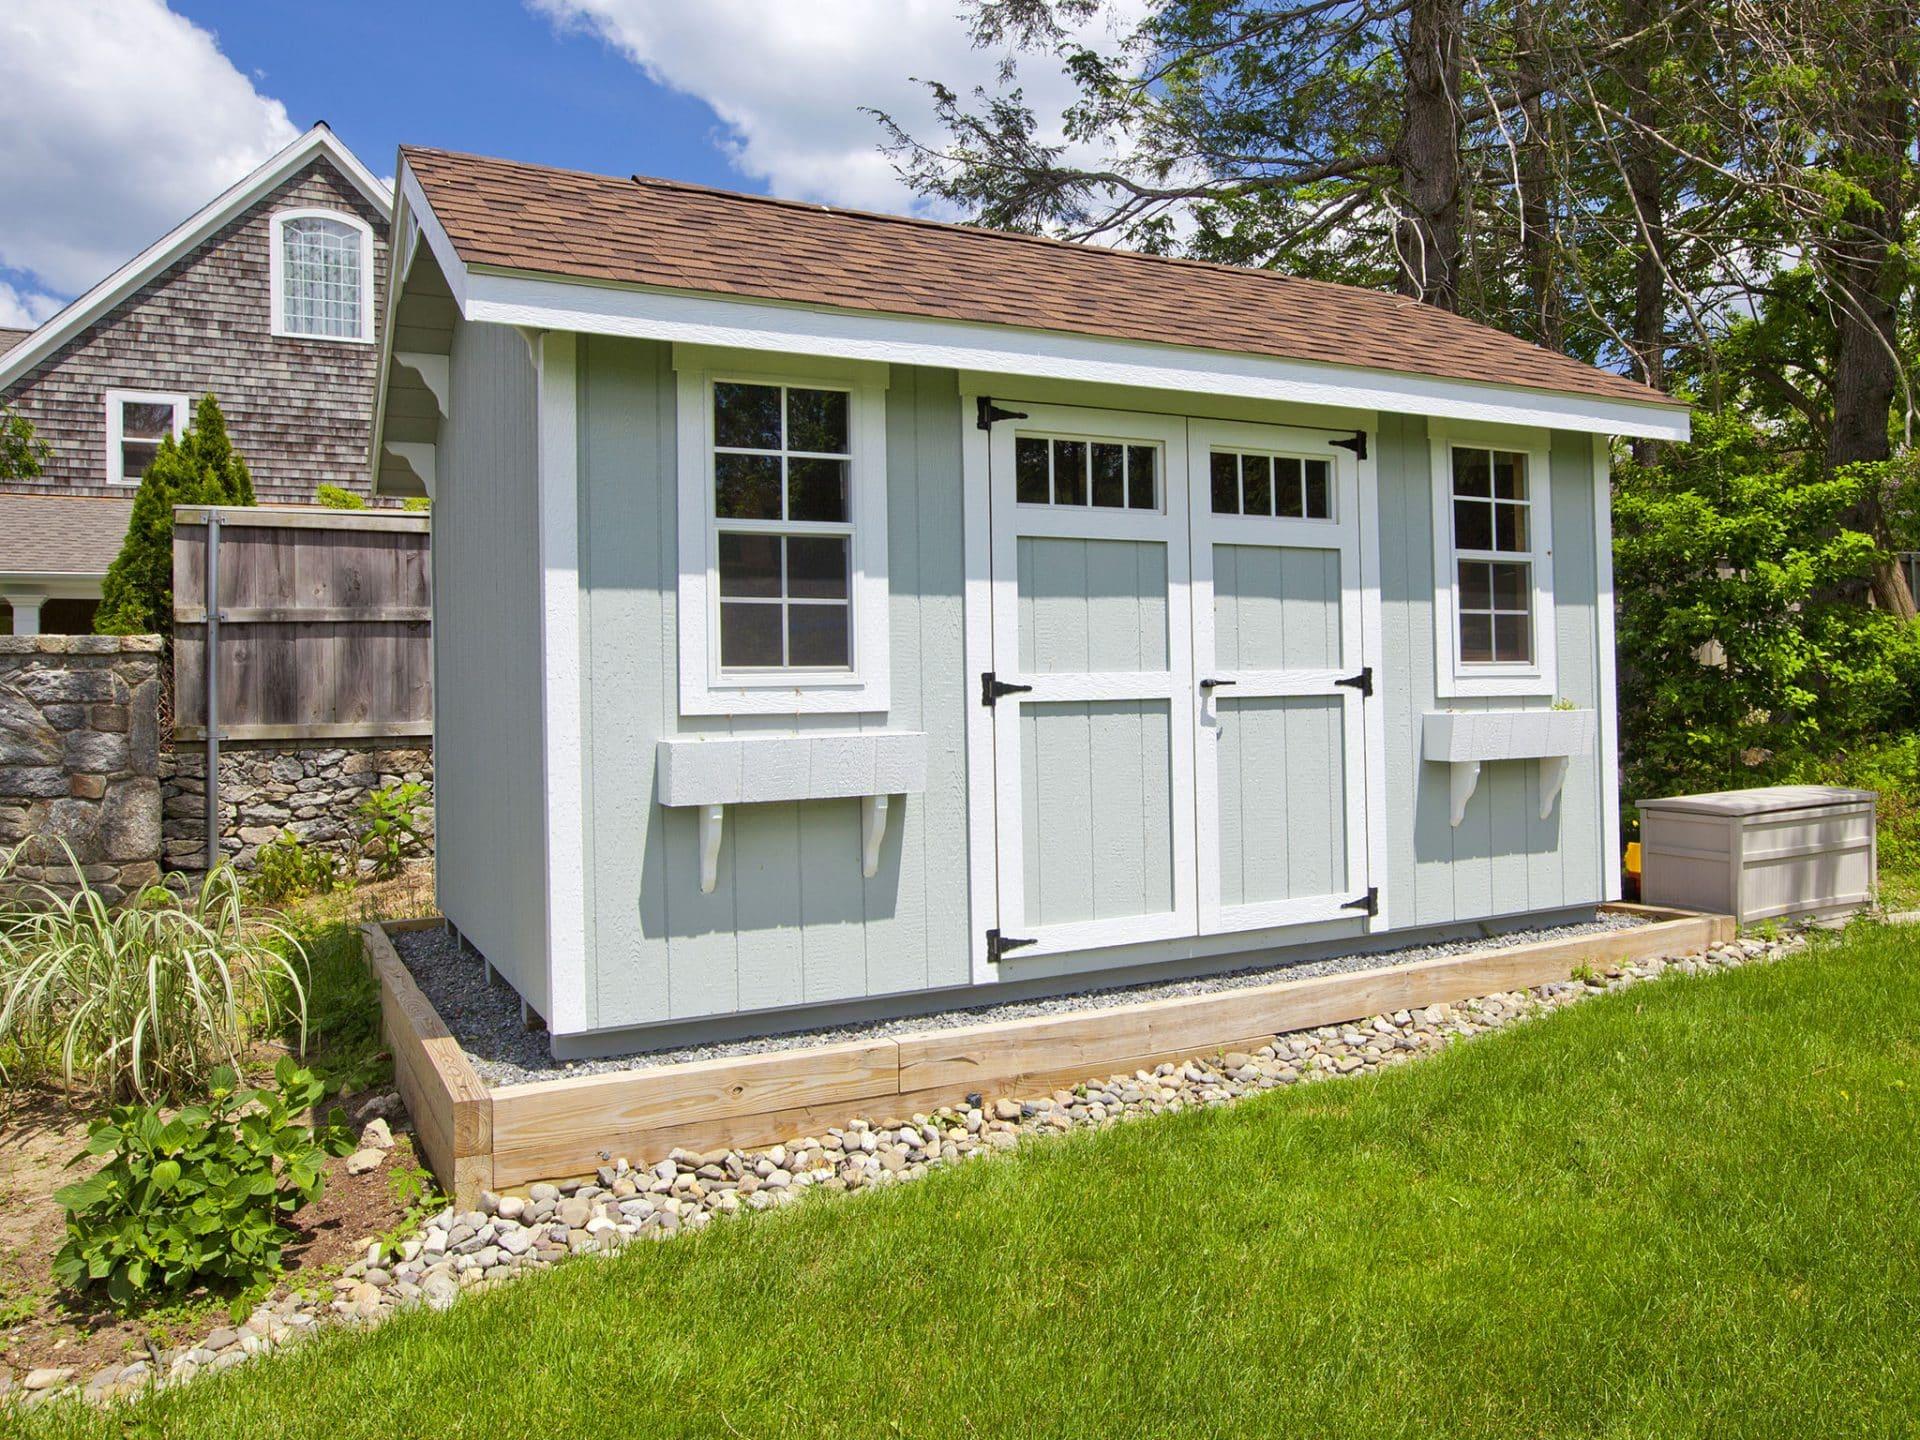 Top Gartenhaus-Fenster selber einbauen - Anleitung & Kosten im Überblick FY78